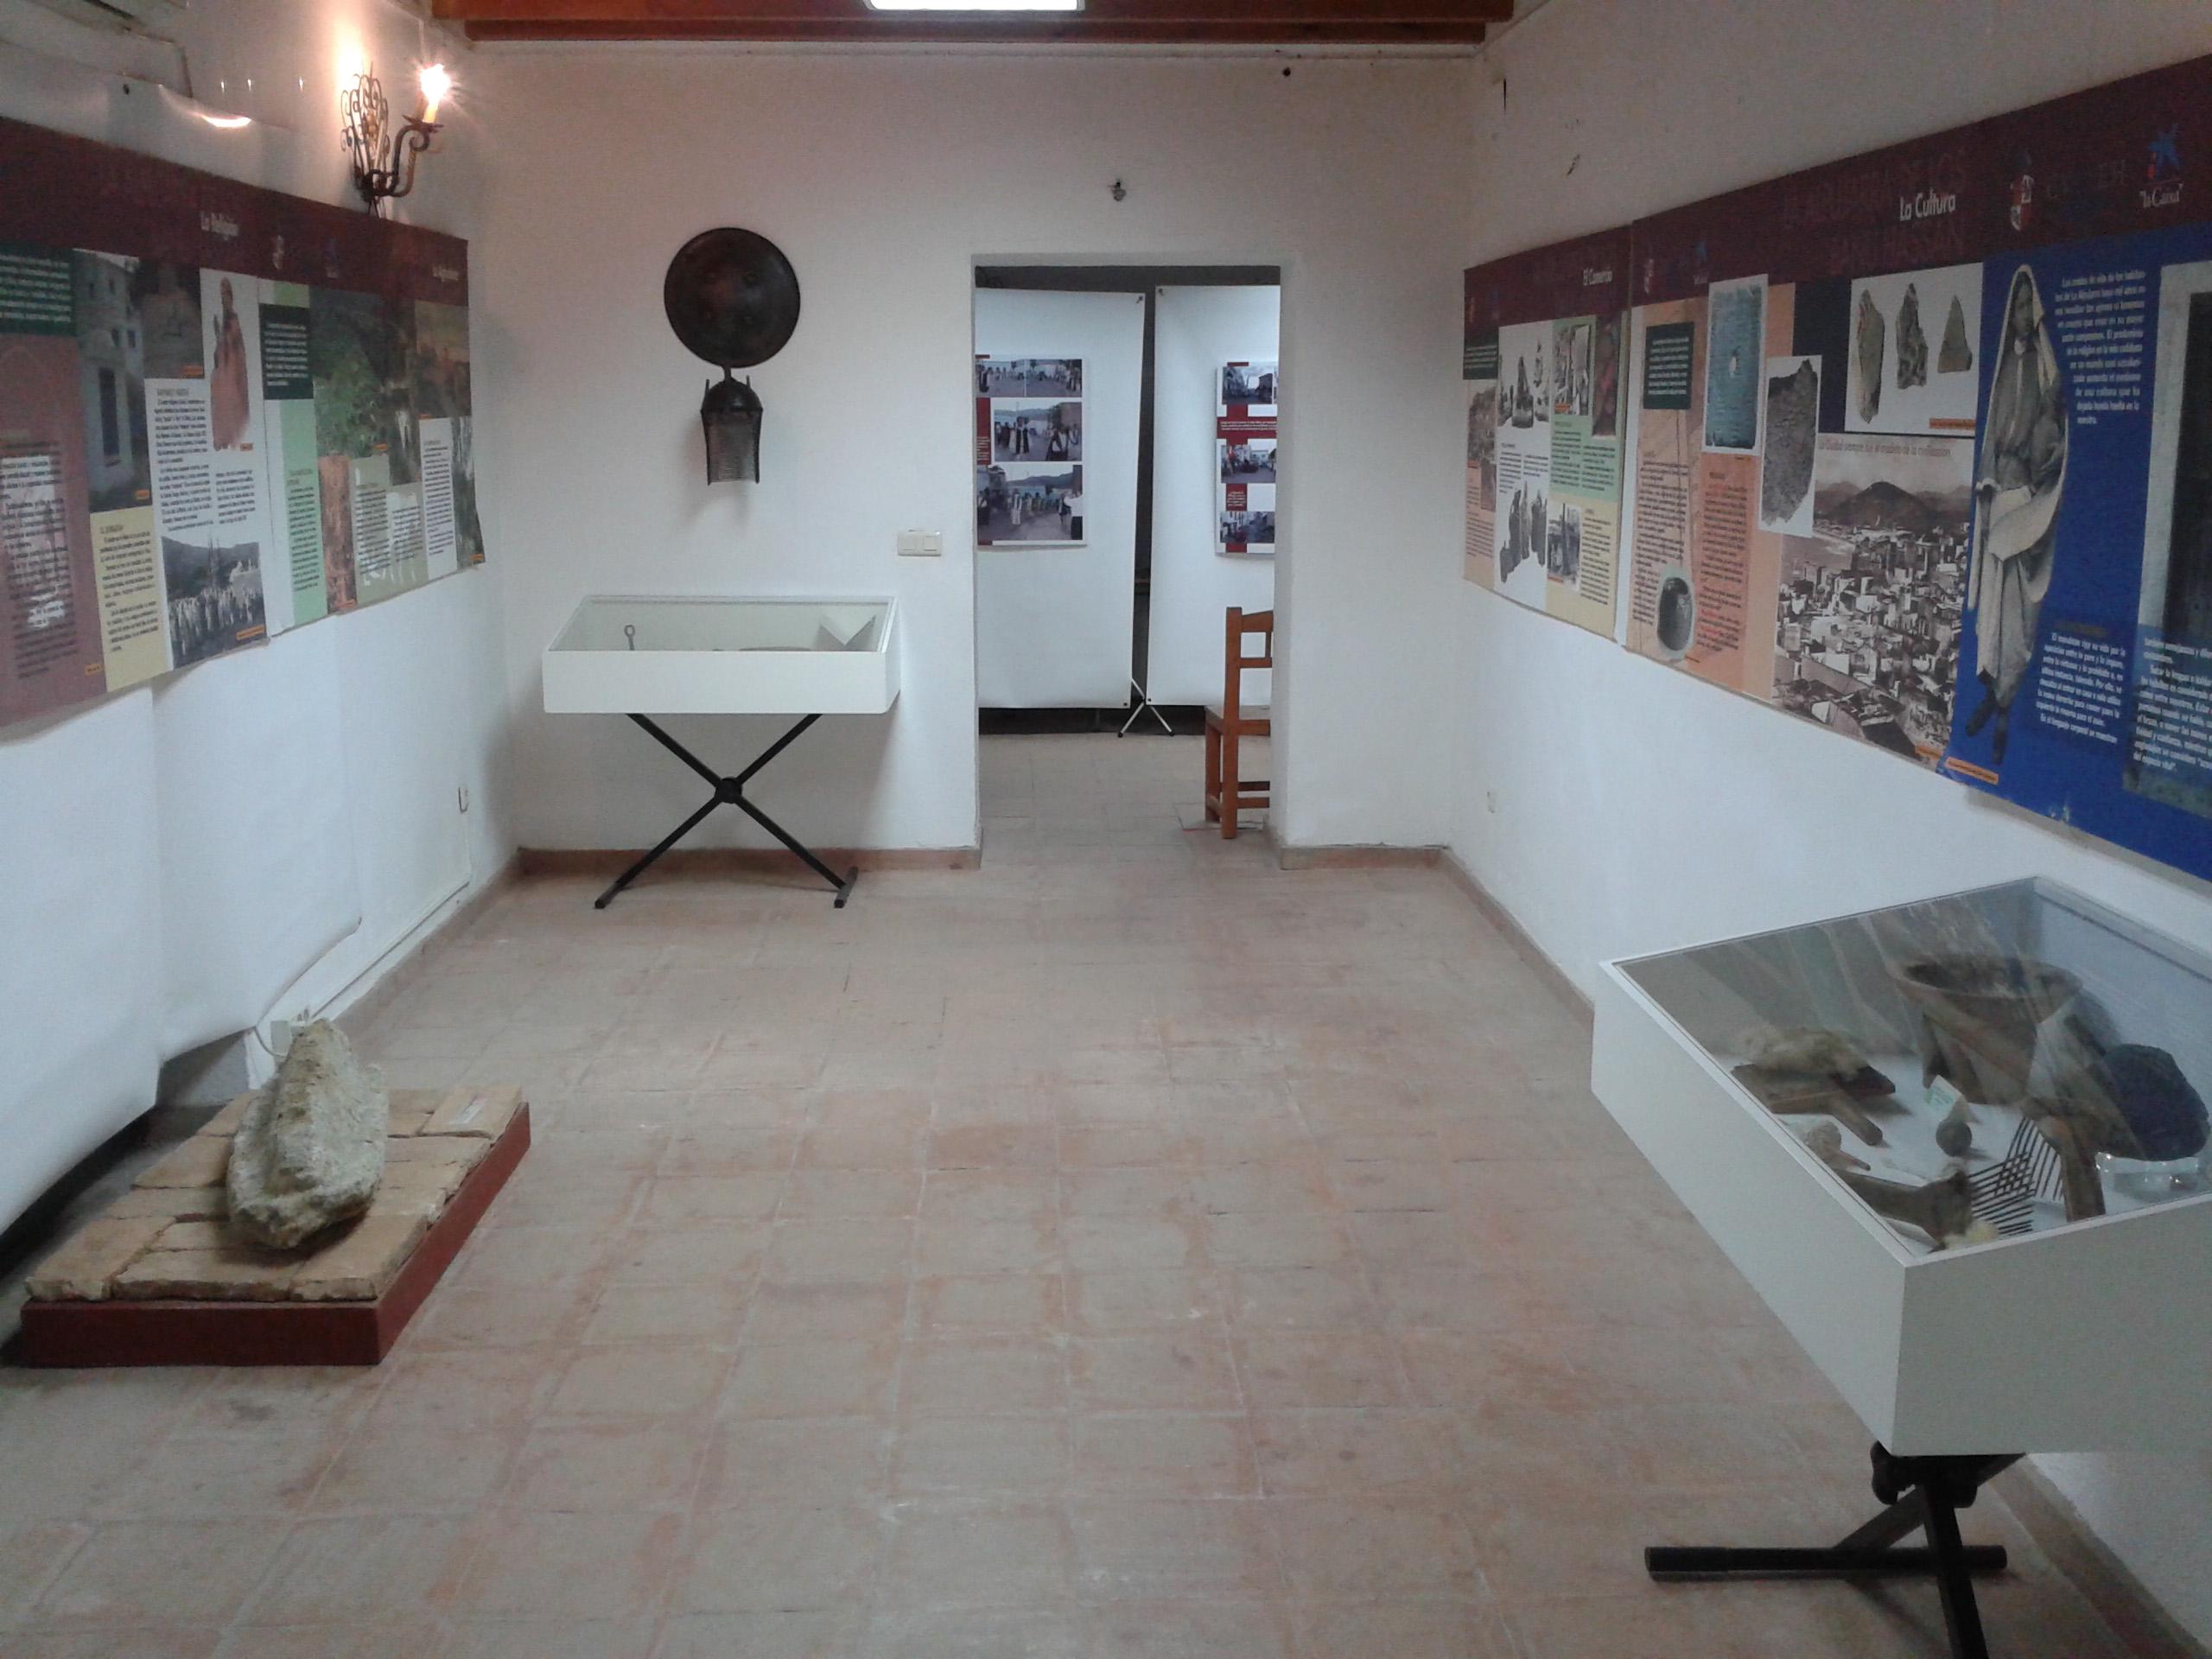 Centro de Interpretación Casa Palacio de las Godoyas. © Fotografía: Joaquín Gaona